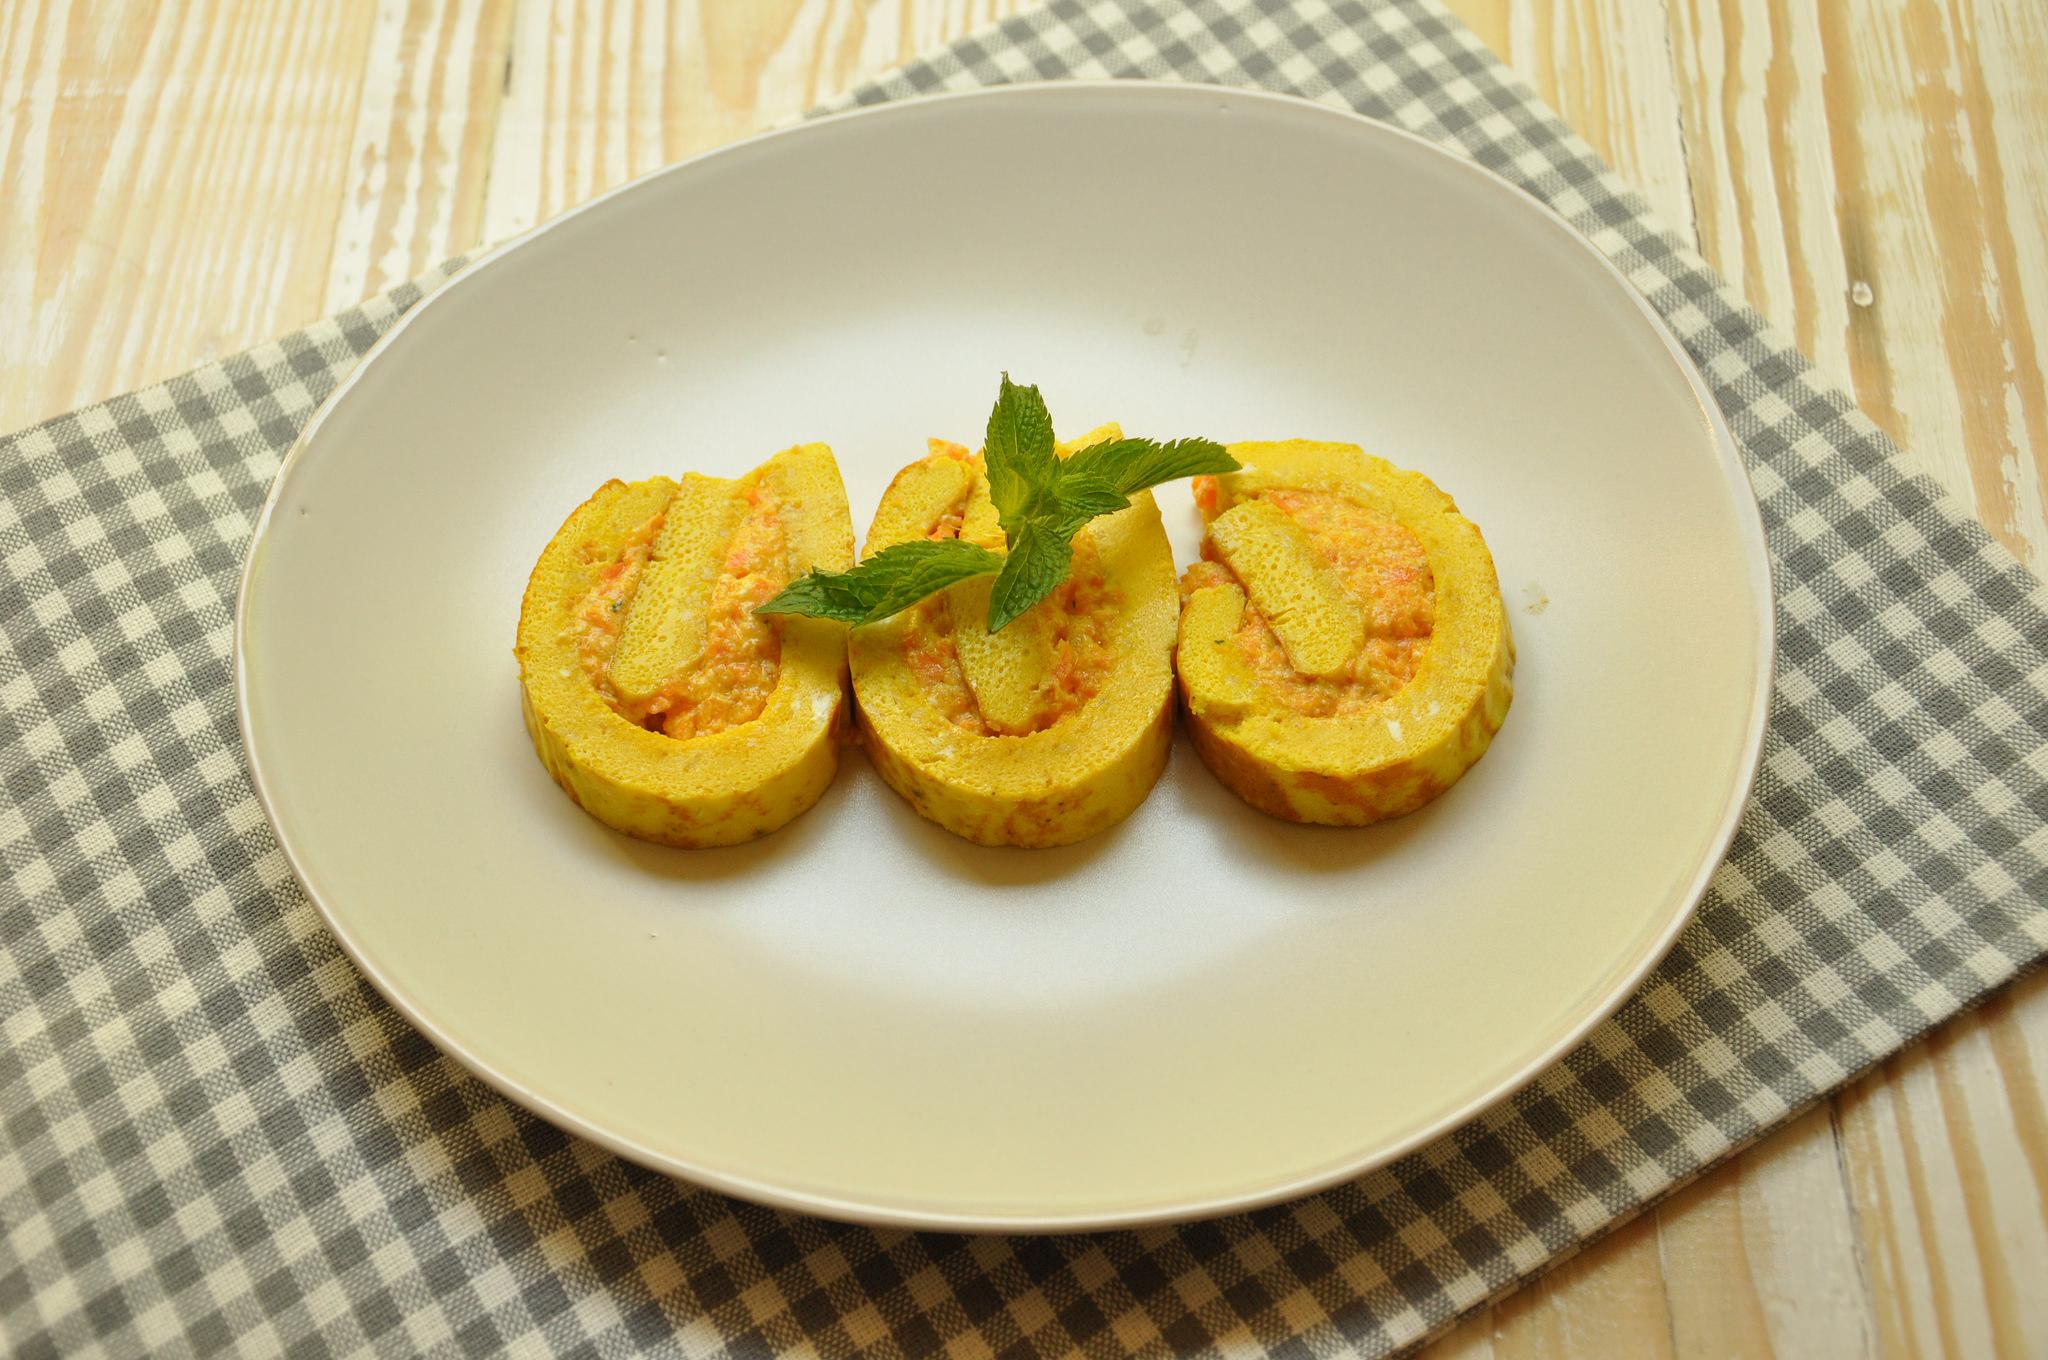 Ricetta Omelette Bimby Tm5.Rotolo Di Frittata Bimby Tm31 Tm5